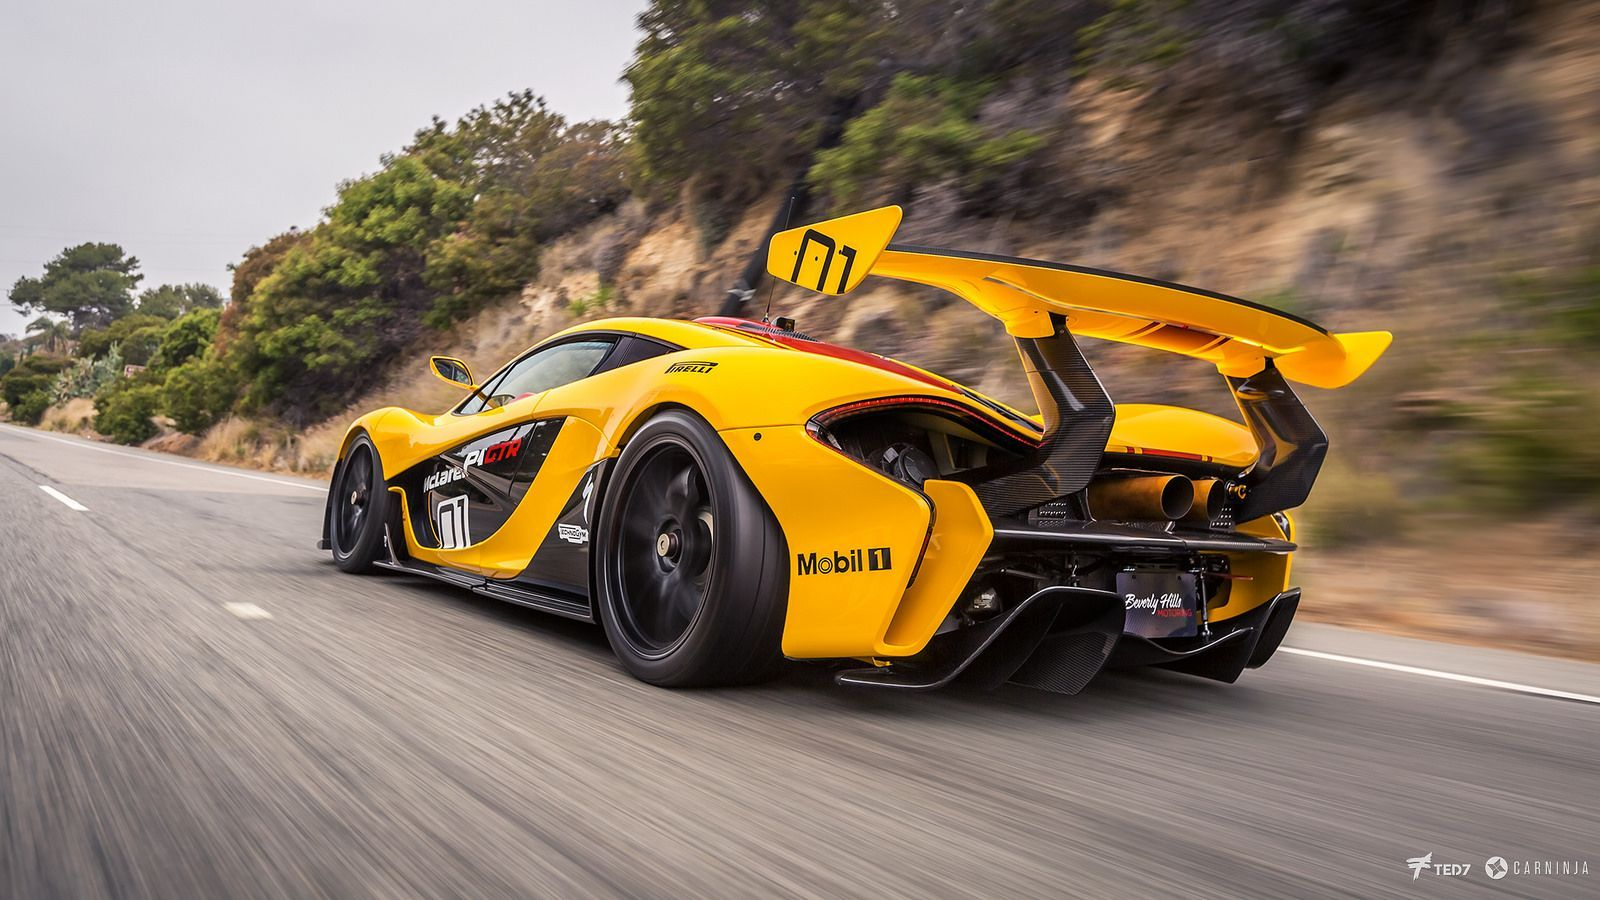 McLaren P1 GTR by I am Ted7 Mclaren sports car